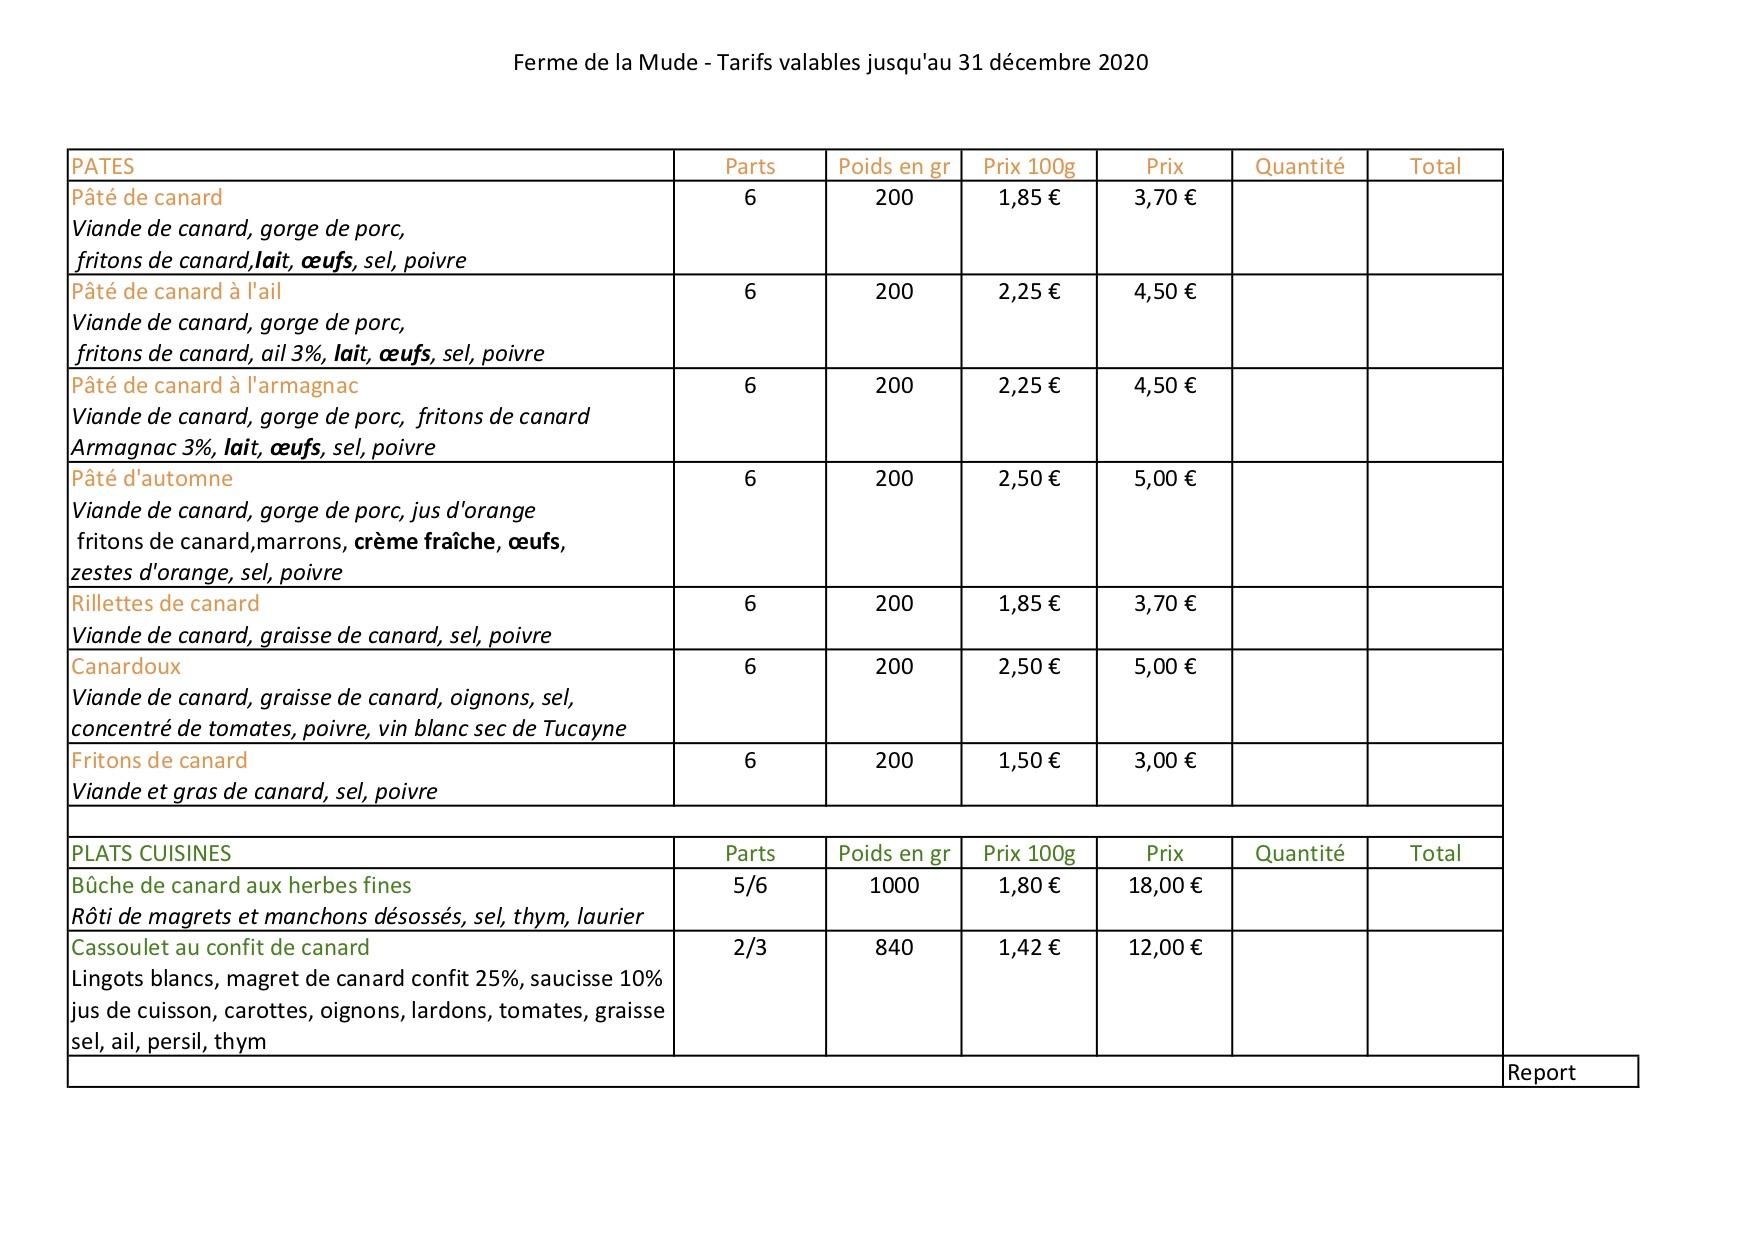 prix-ferme-de-la-mude2020v2-xlsx-glissees-2